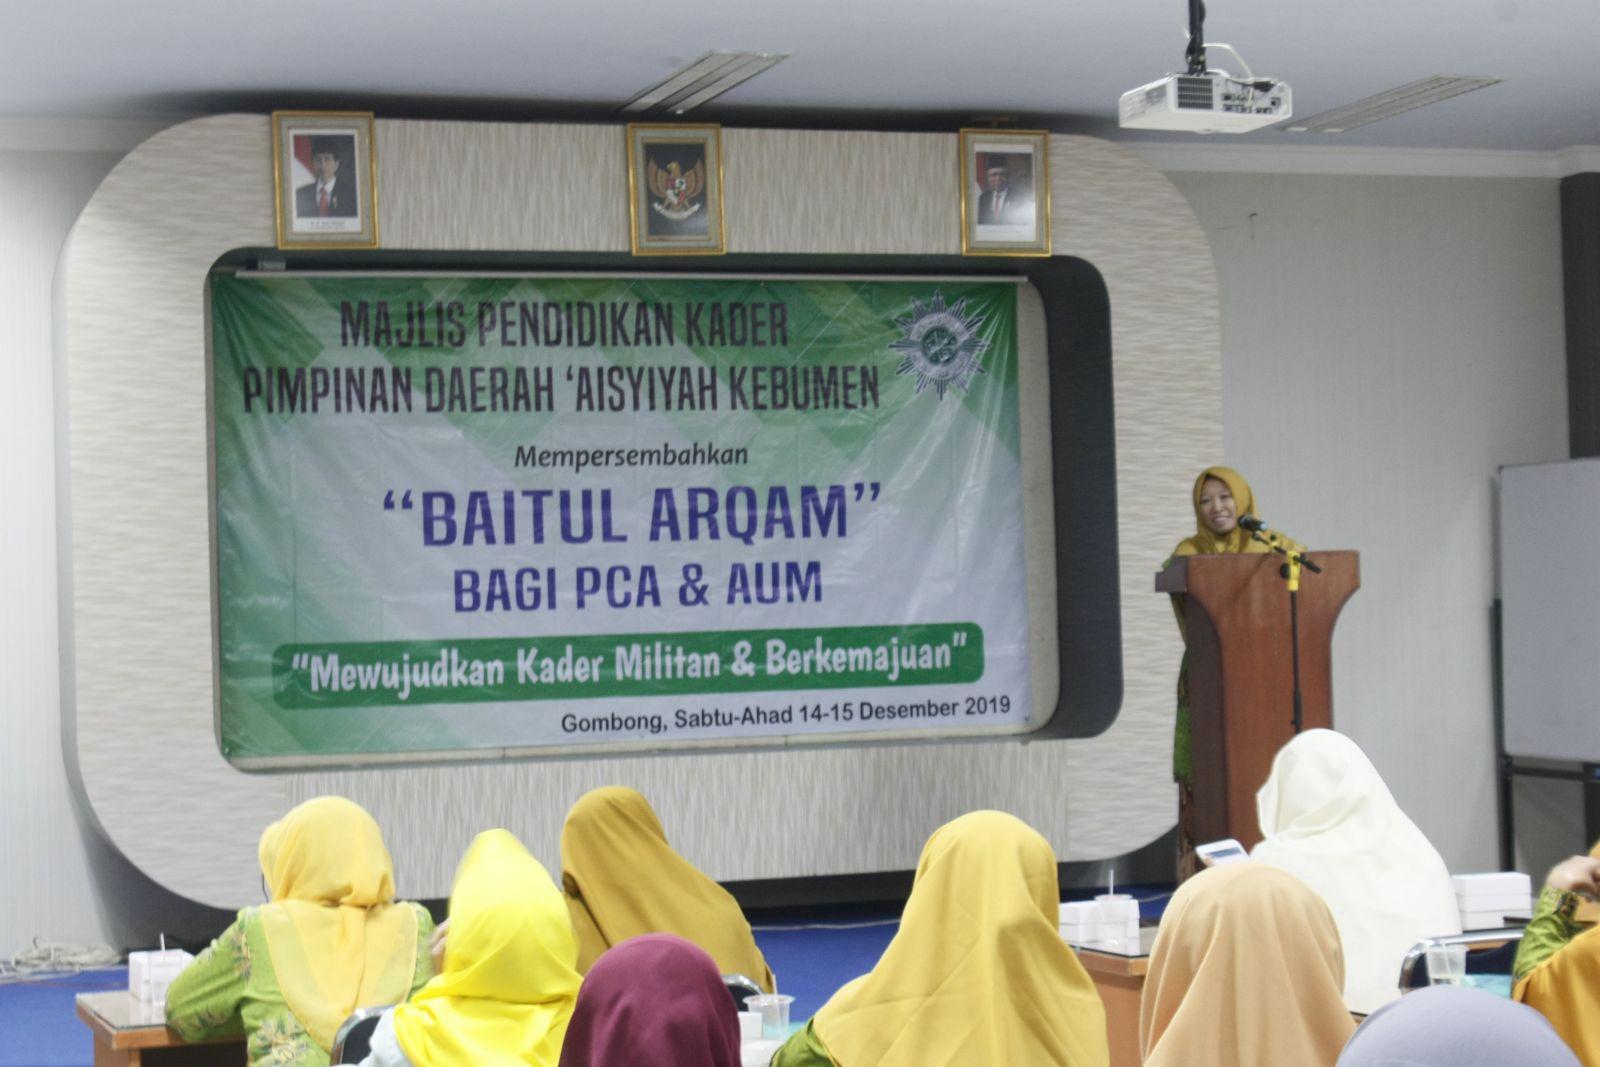 Pembukaan Baitul Arqam Lintas Fungsi Majlis PDA Kebumen